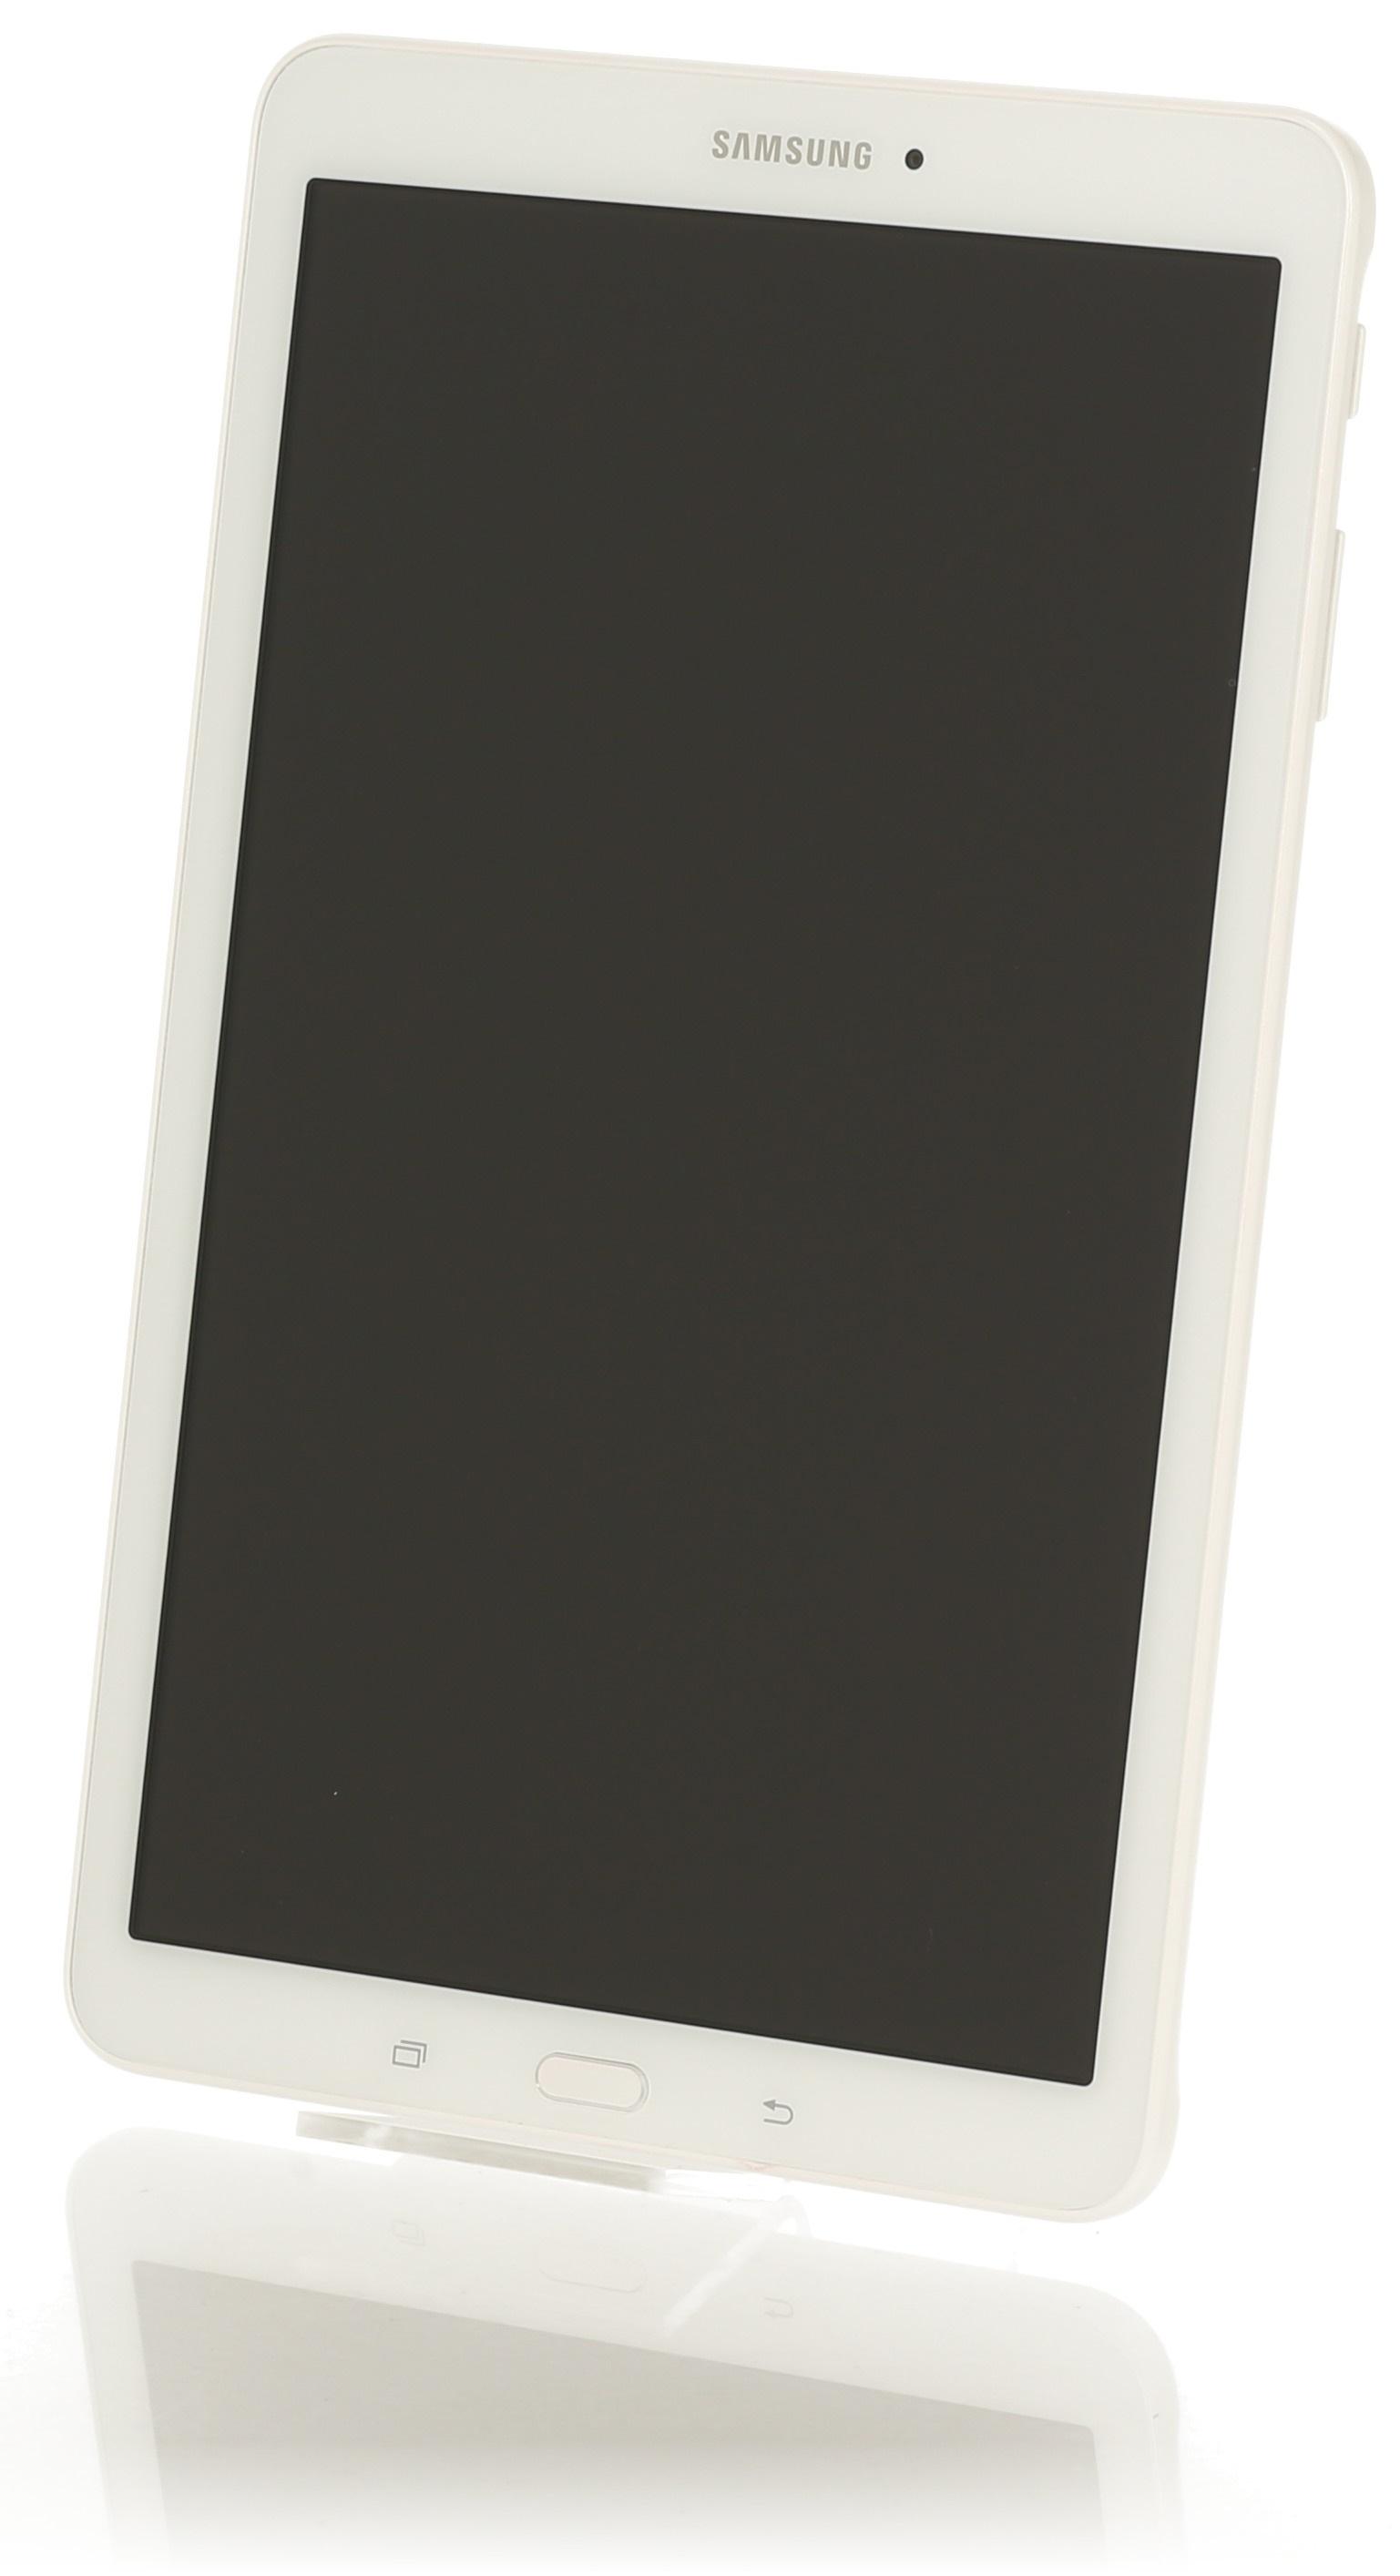 Samsung Galaxy Tab A 7.0 7 8GB [Wi-Fi] weiß